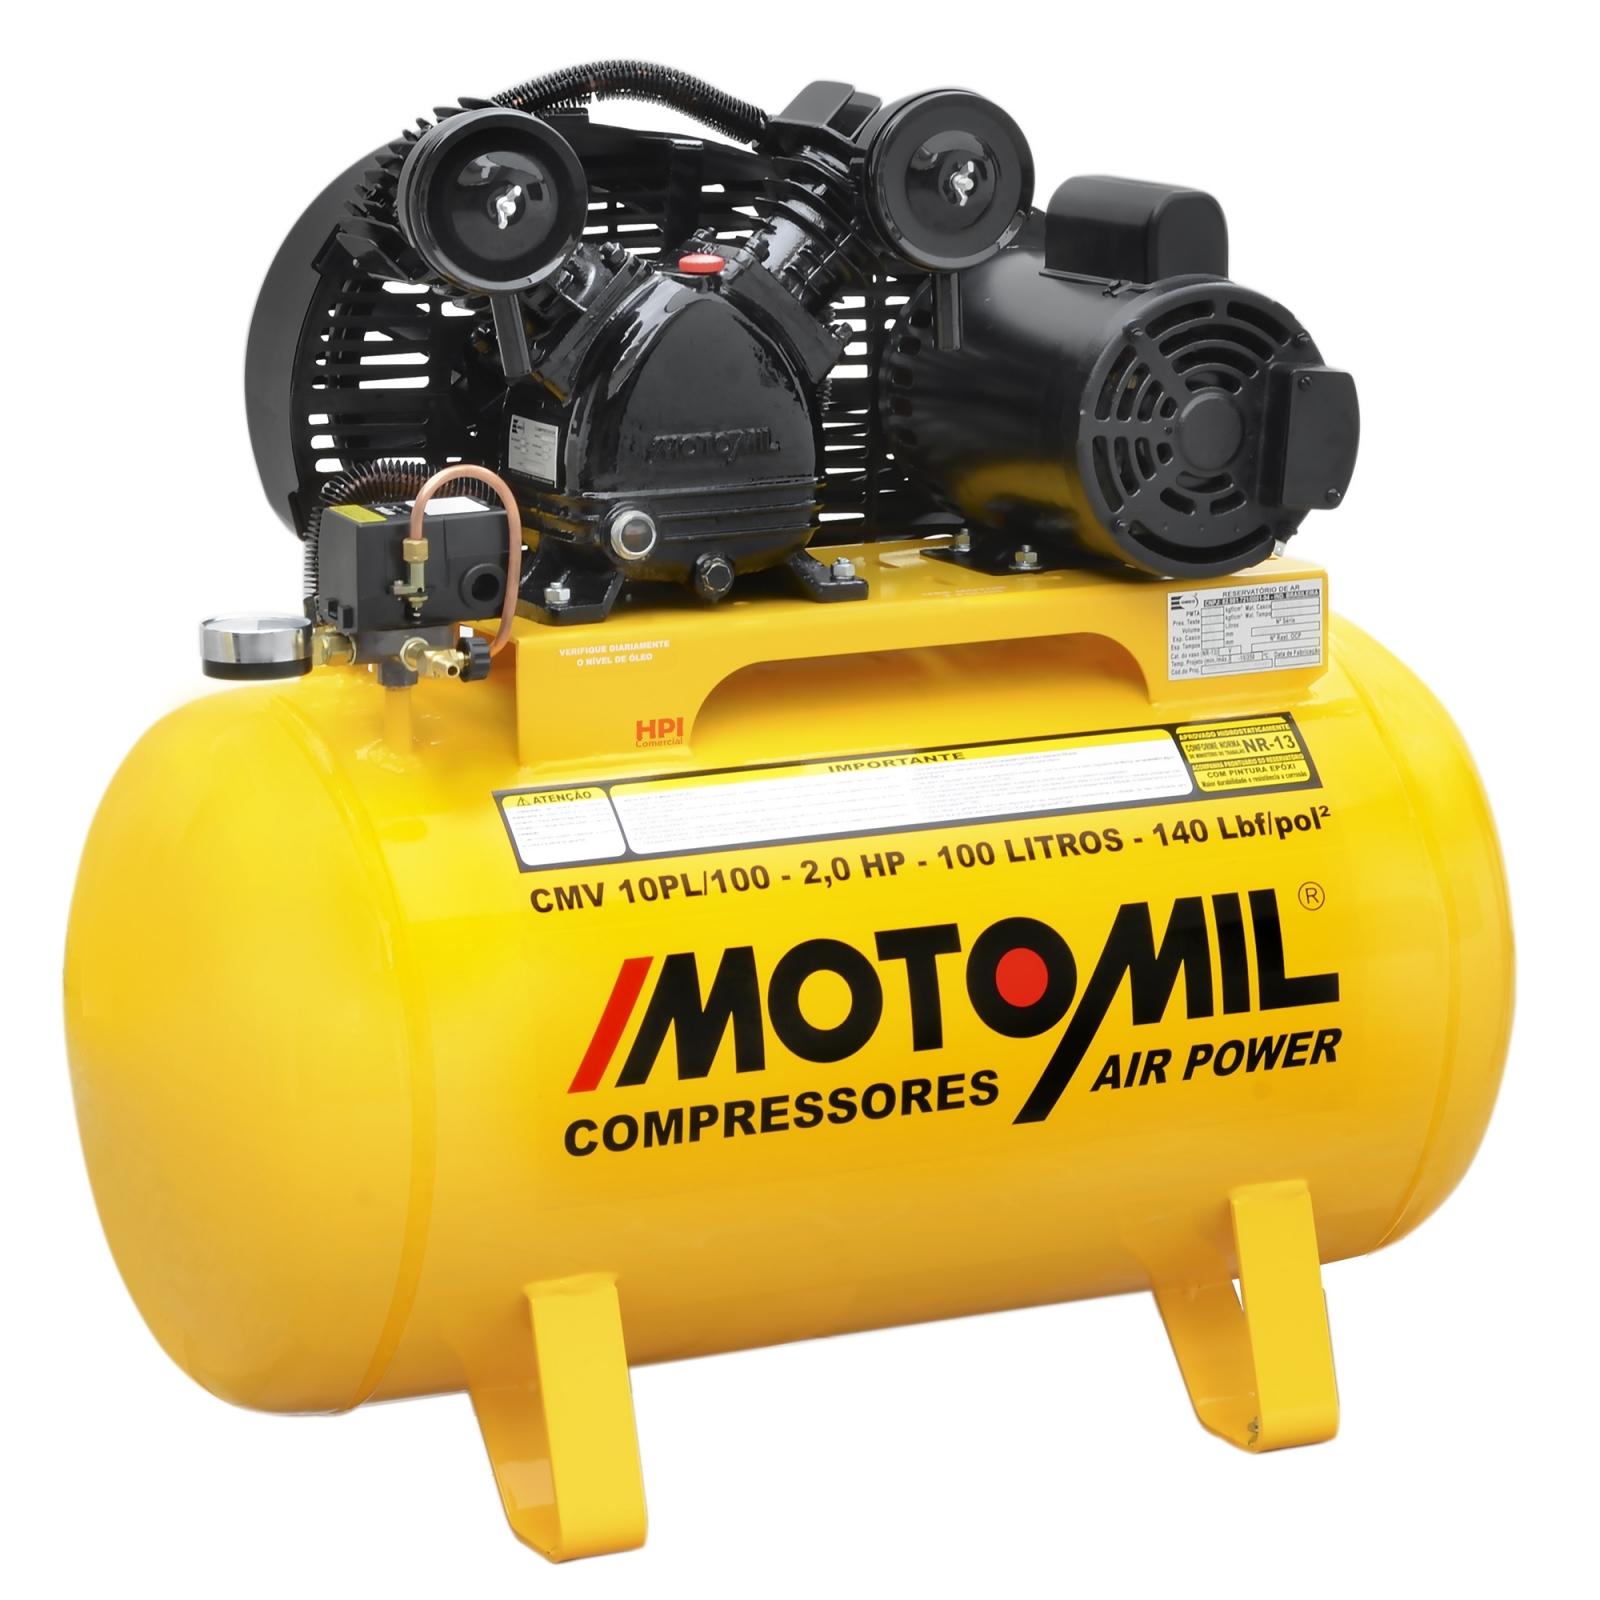 Compressor De Ar 10 PCM/100 L Motomil CMV 10PL100 220v - Ferramentas MEP